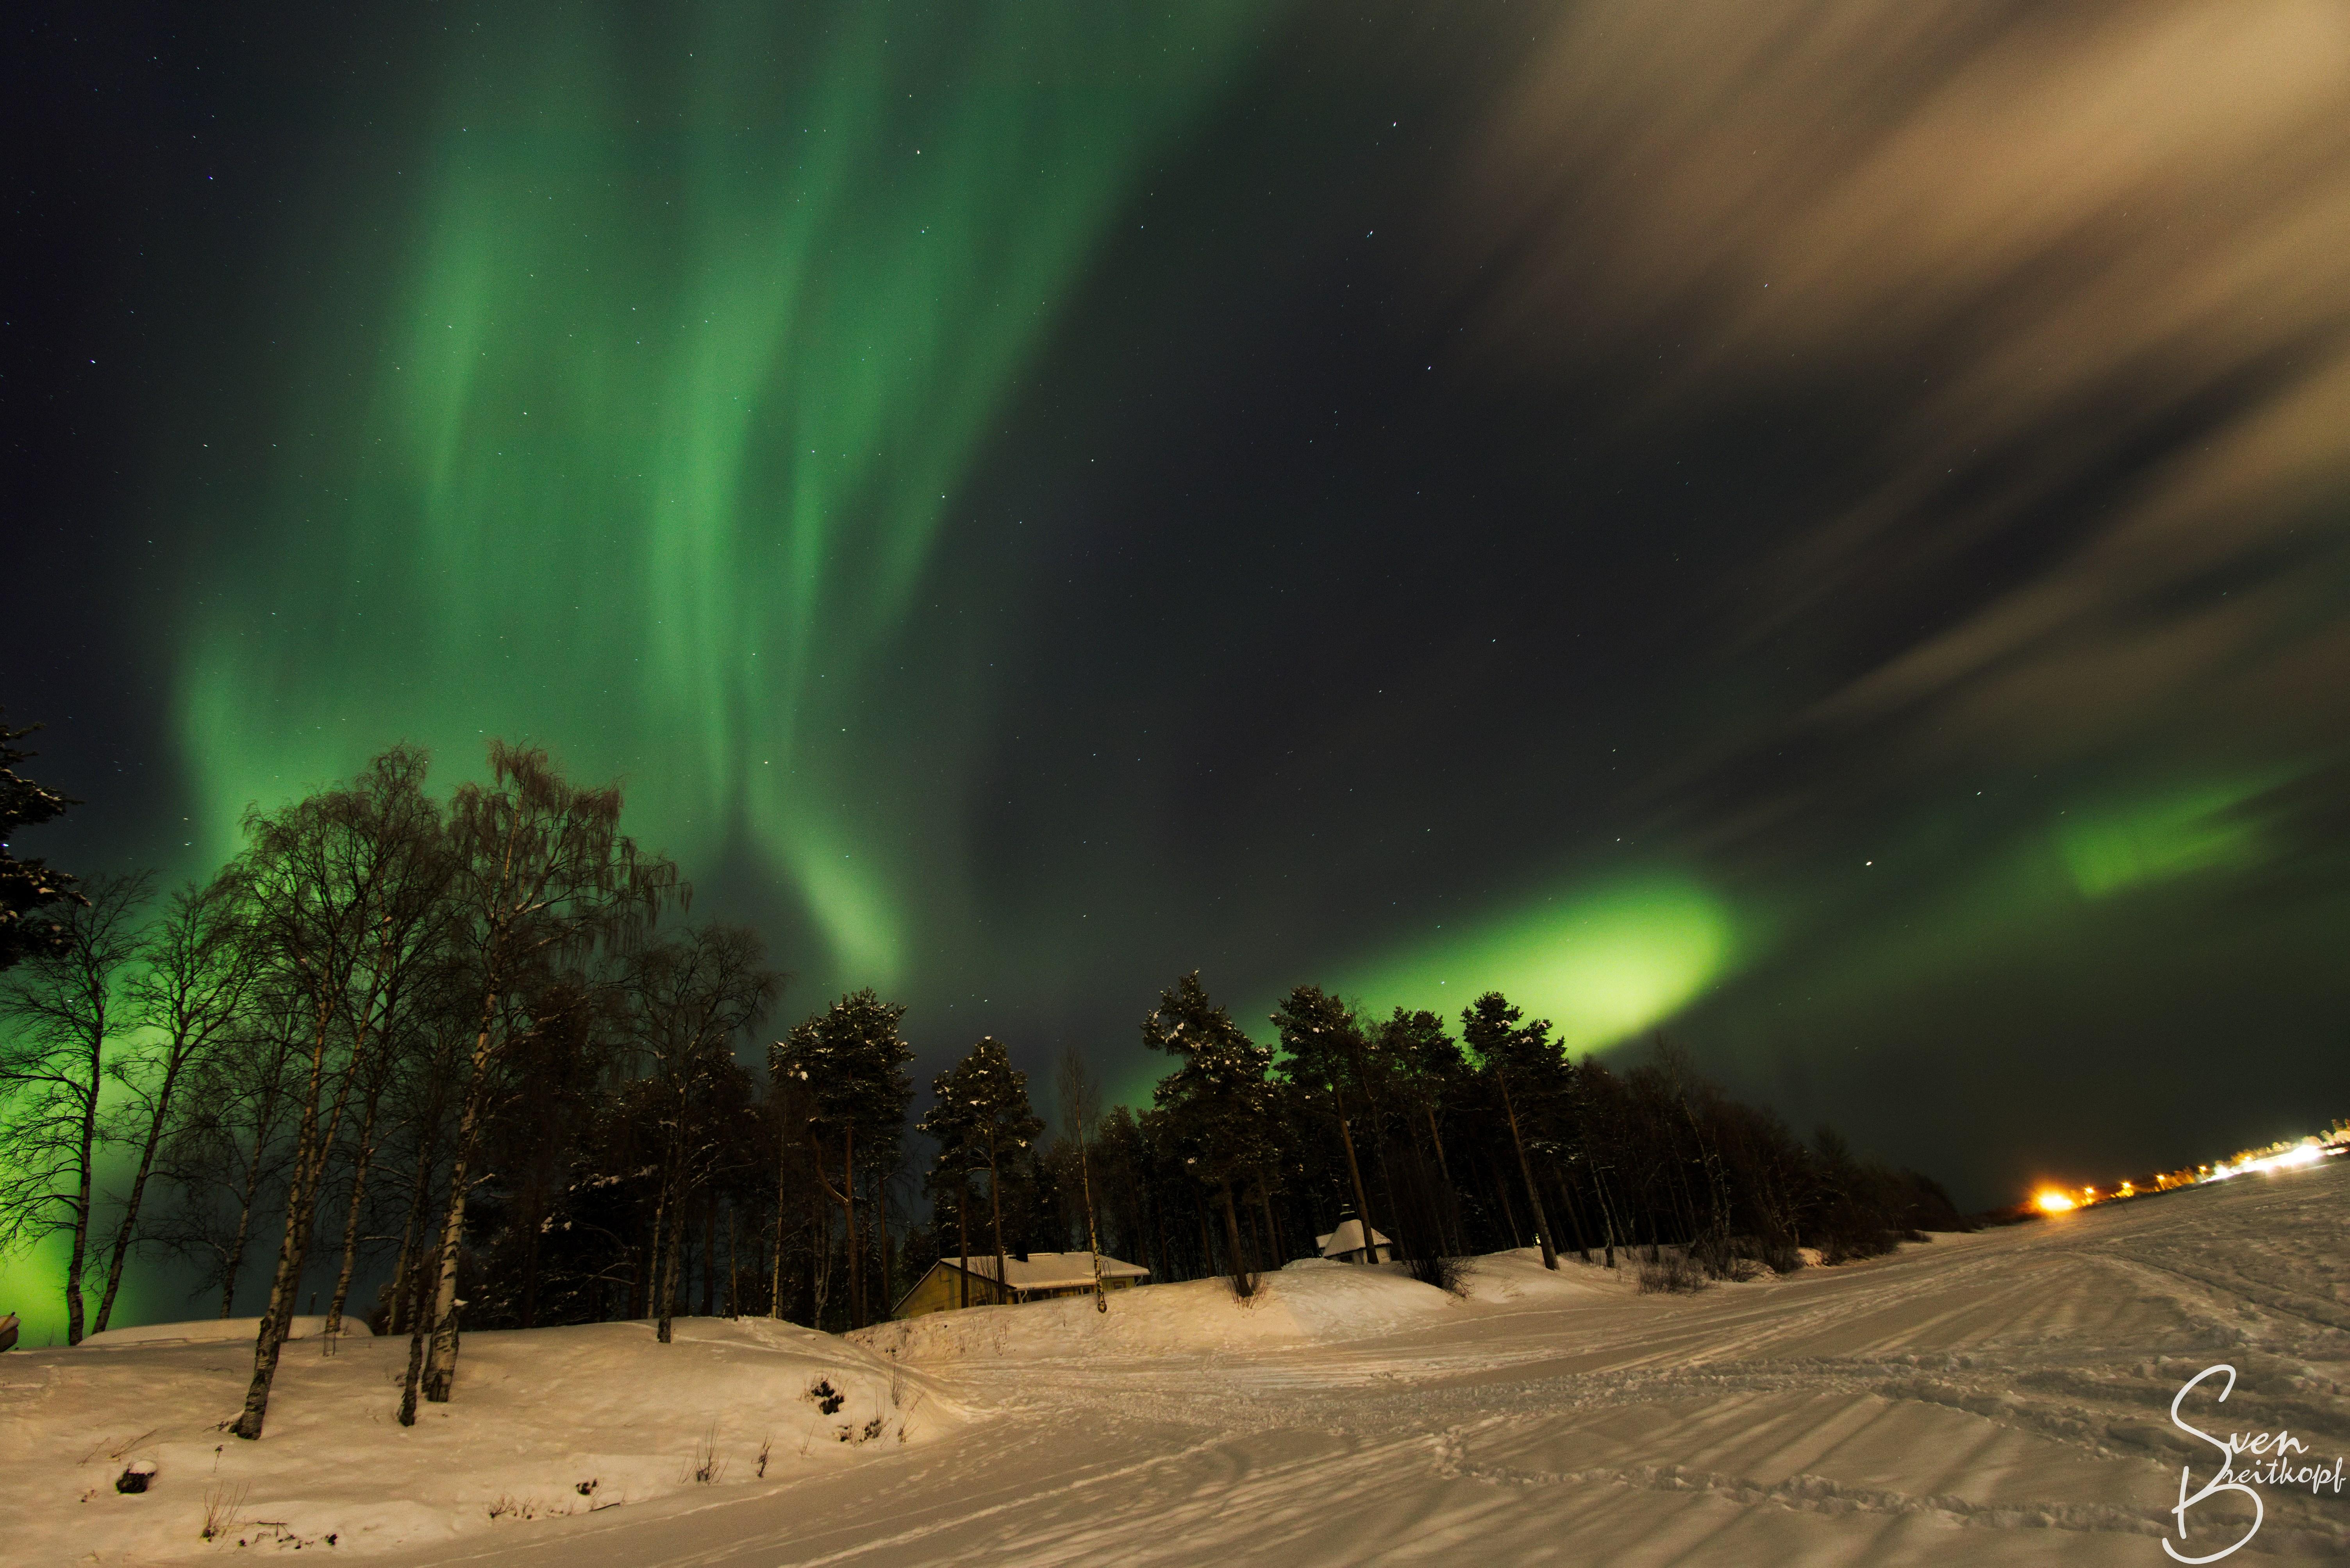 Fond Décran Paysage Nuit La Nature Ciel Hiver